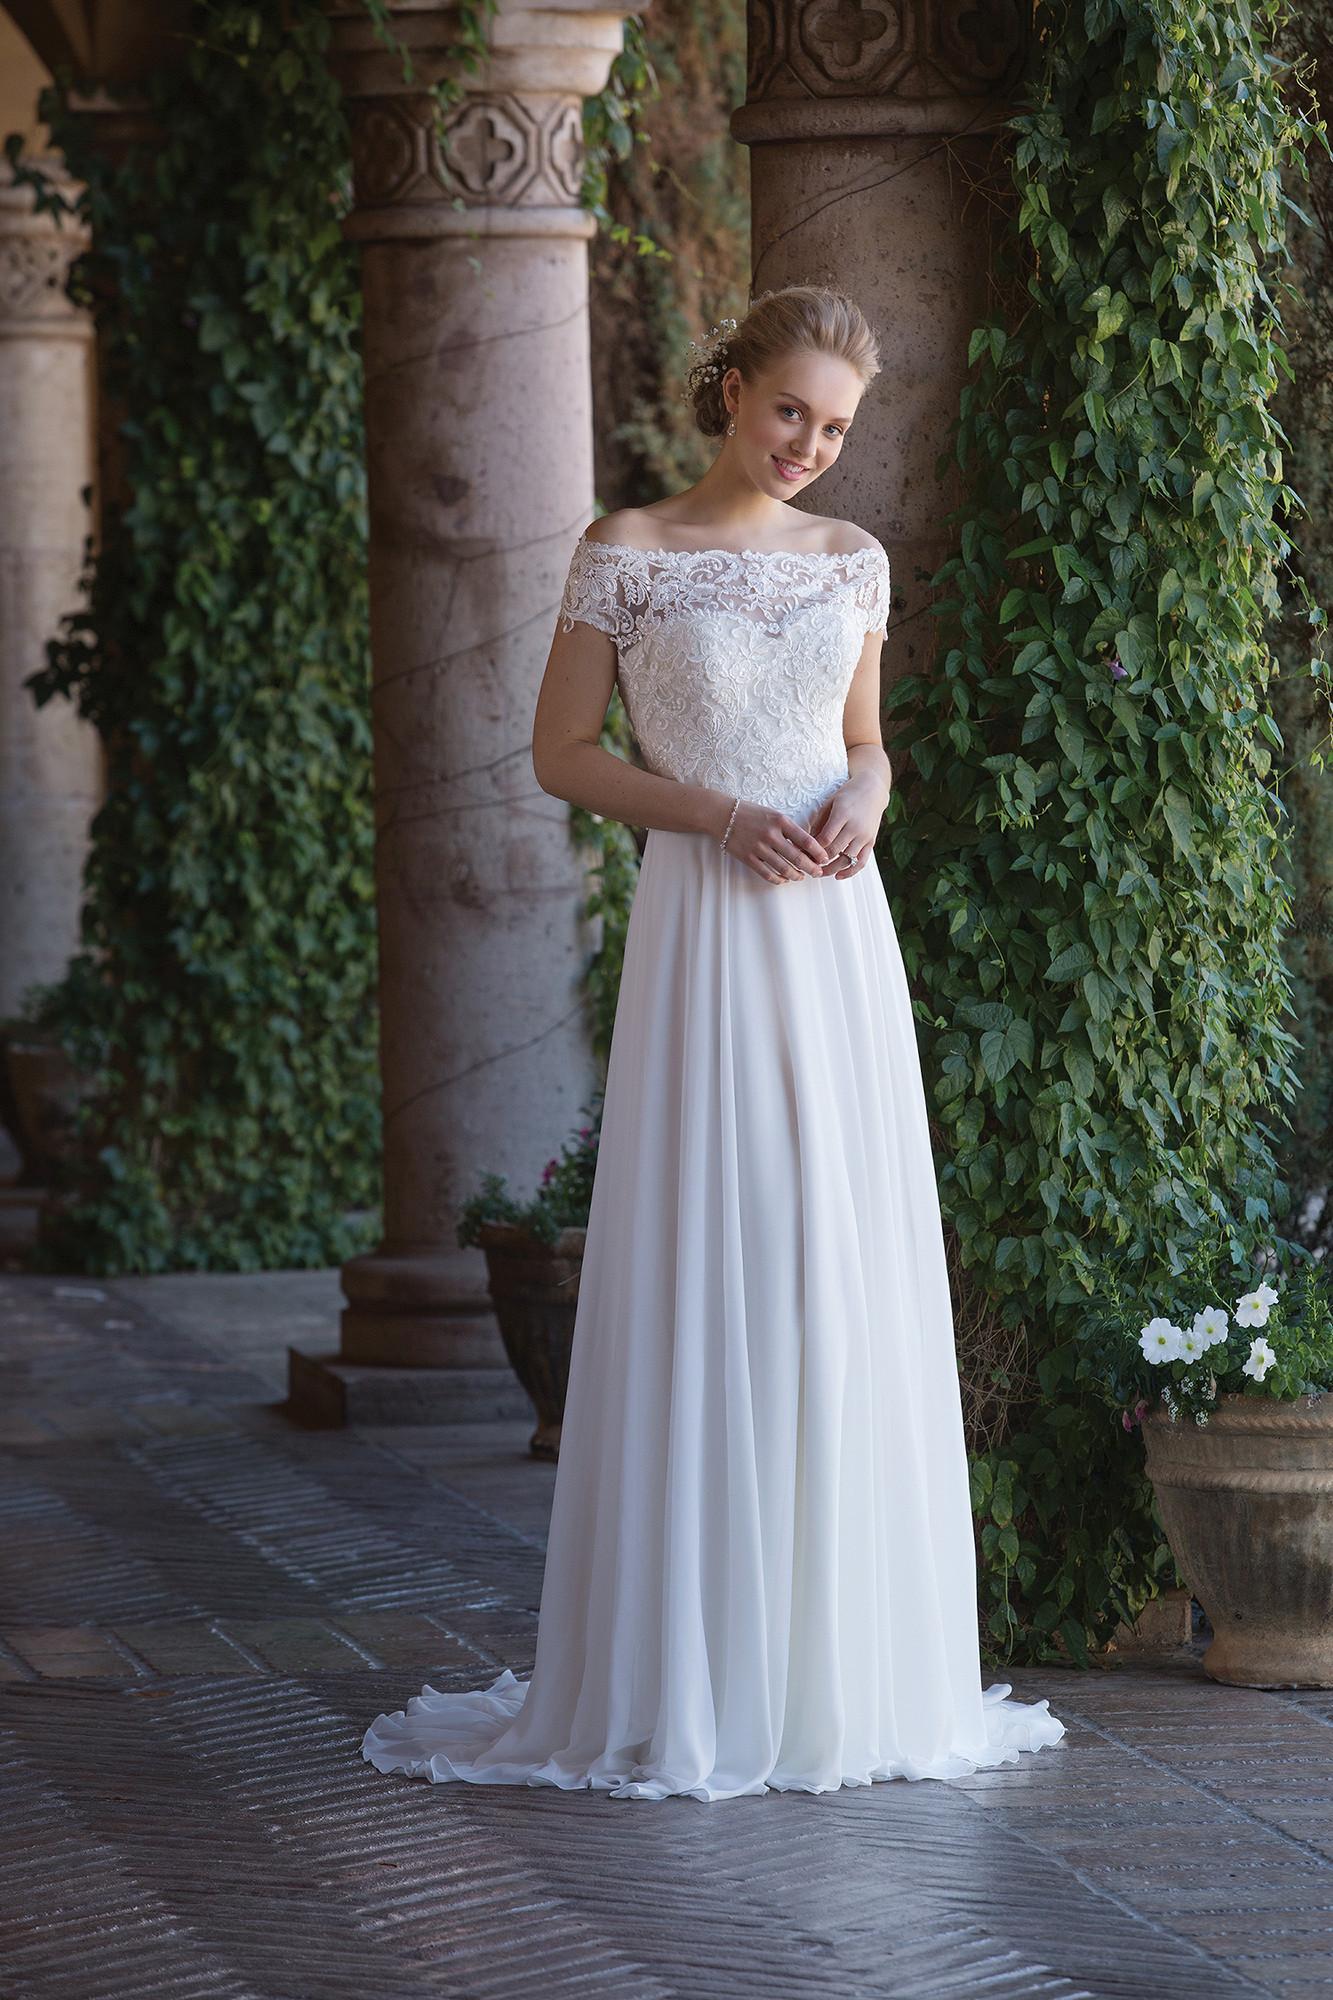 Wedding Dresses by Sincerity Bridal - 4003 - Weddingwire.ca - photo #34